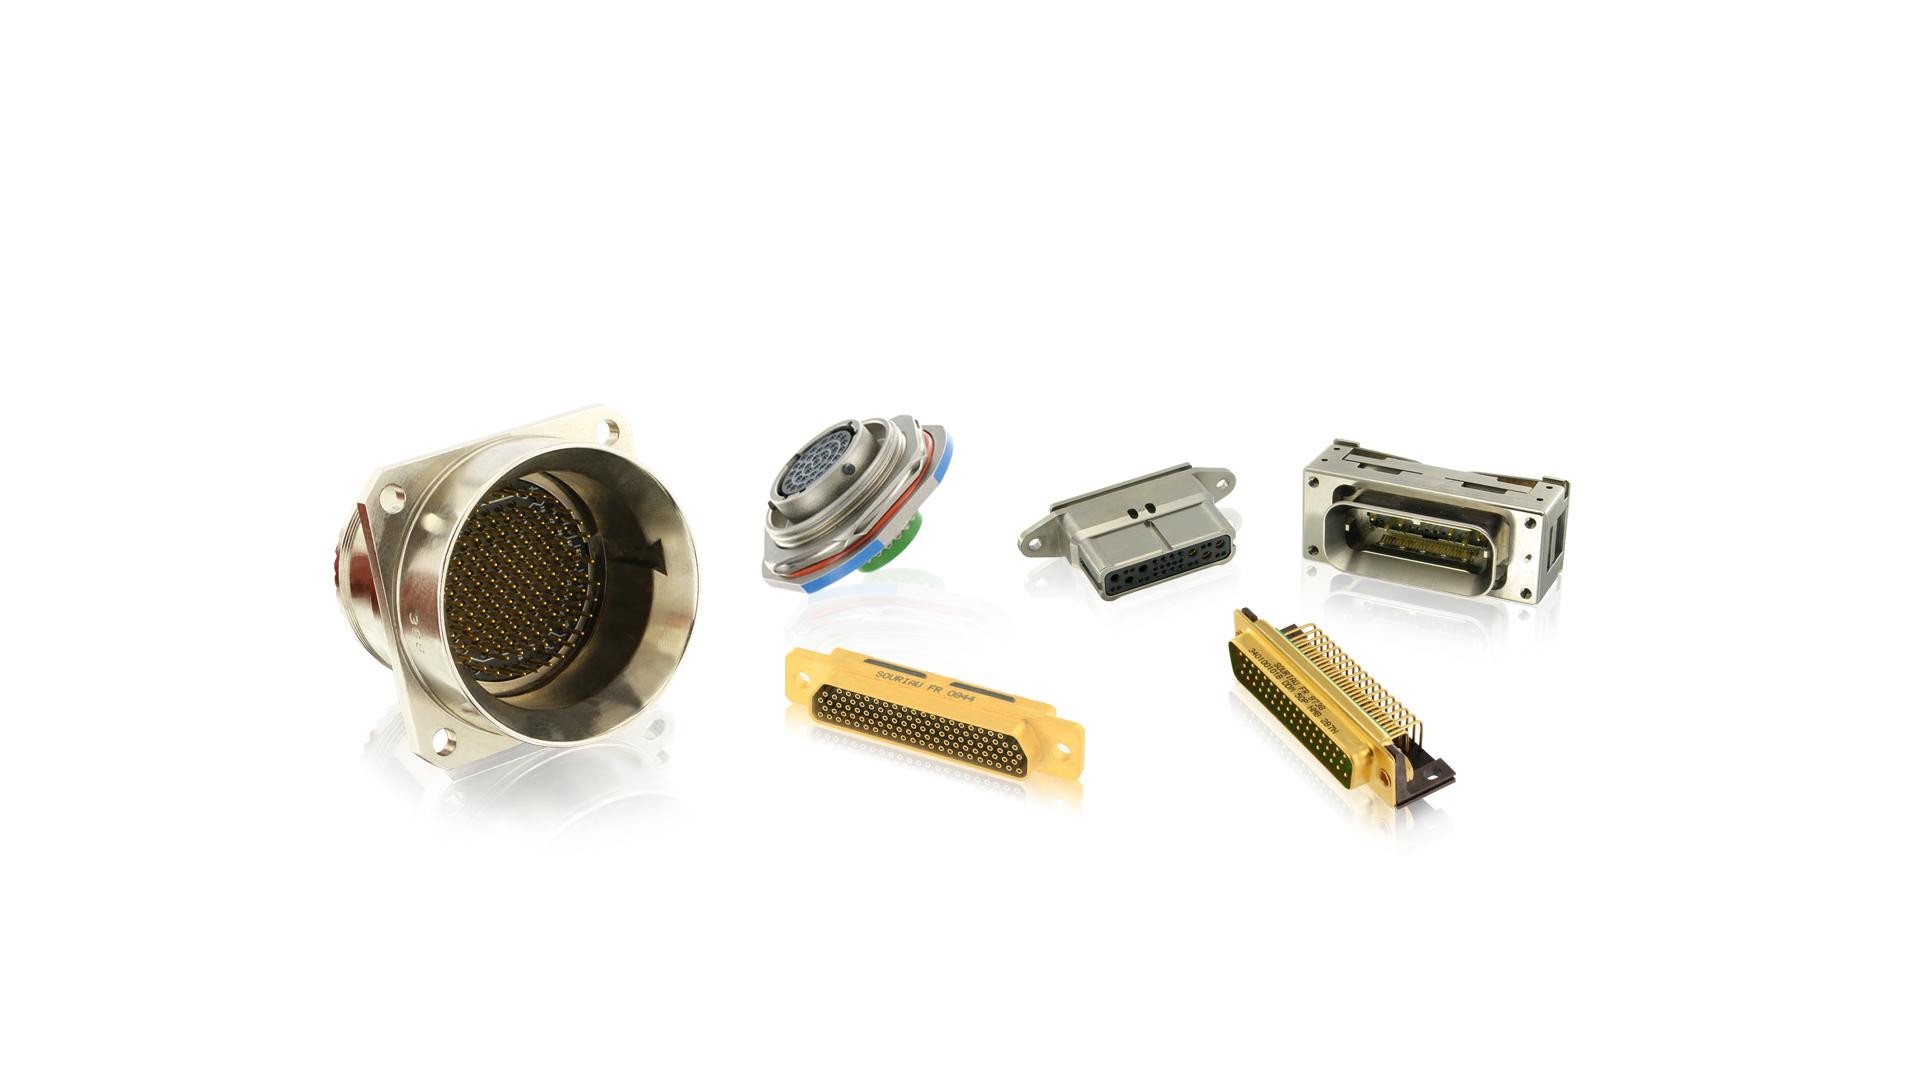 space connectors